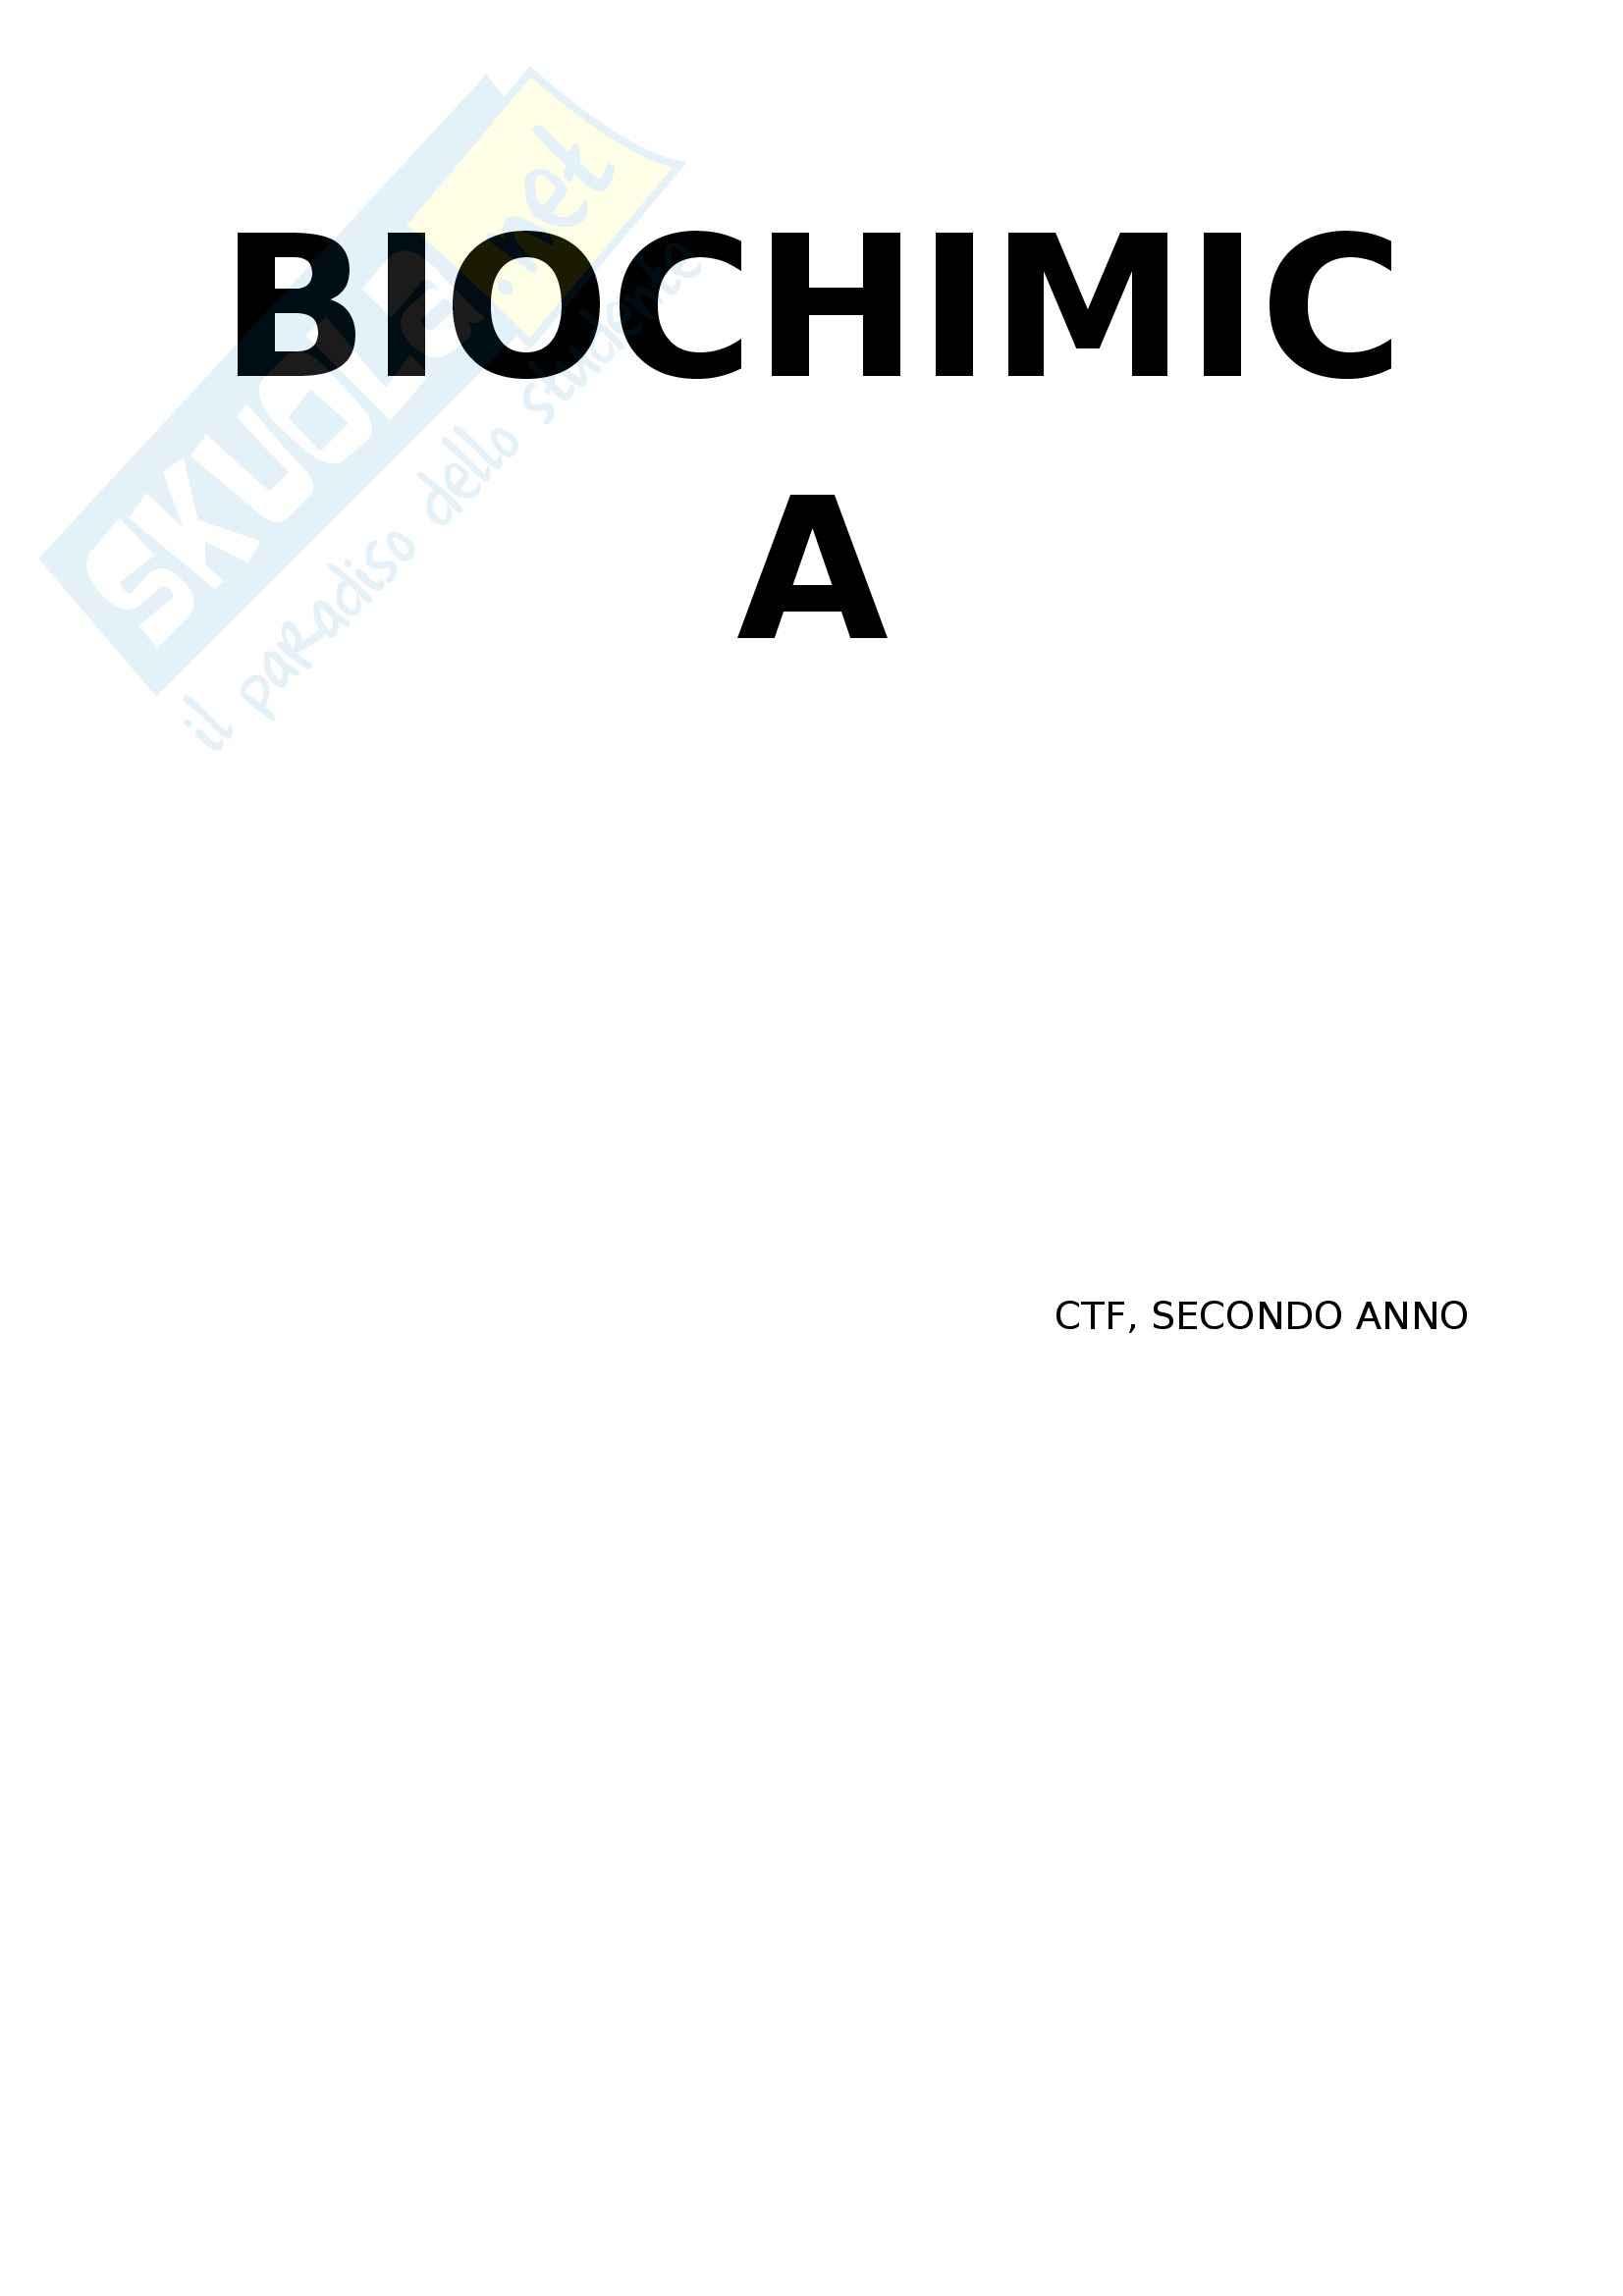 Biochimica generale - Appunti